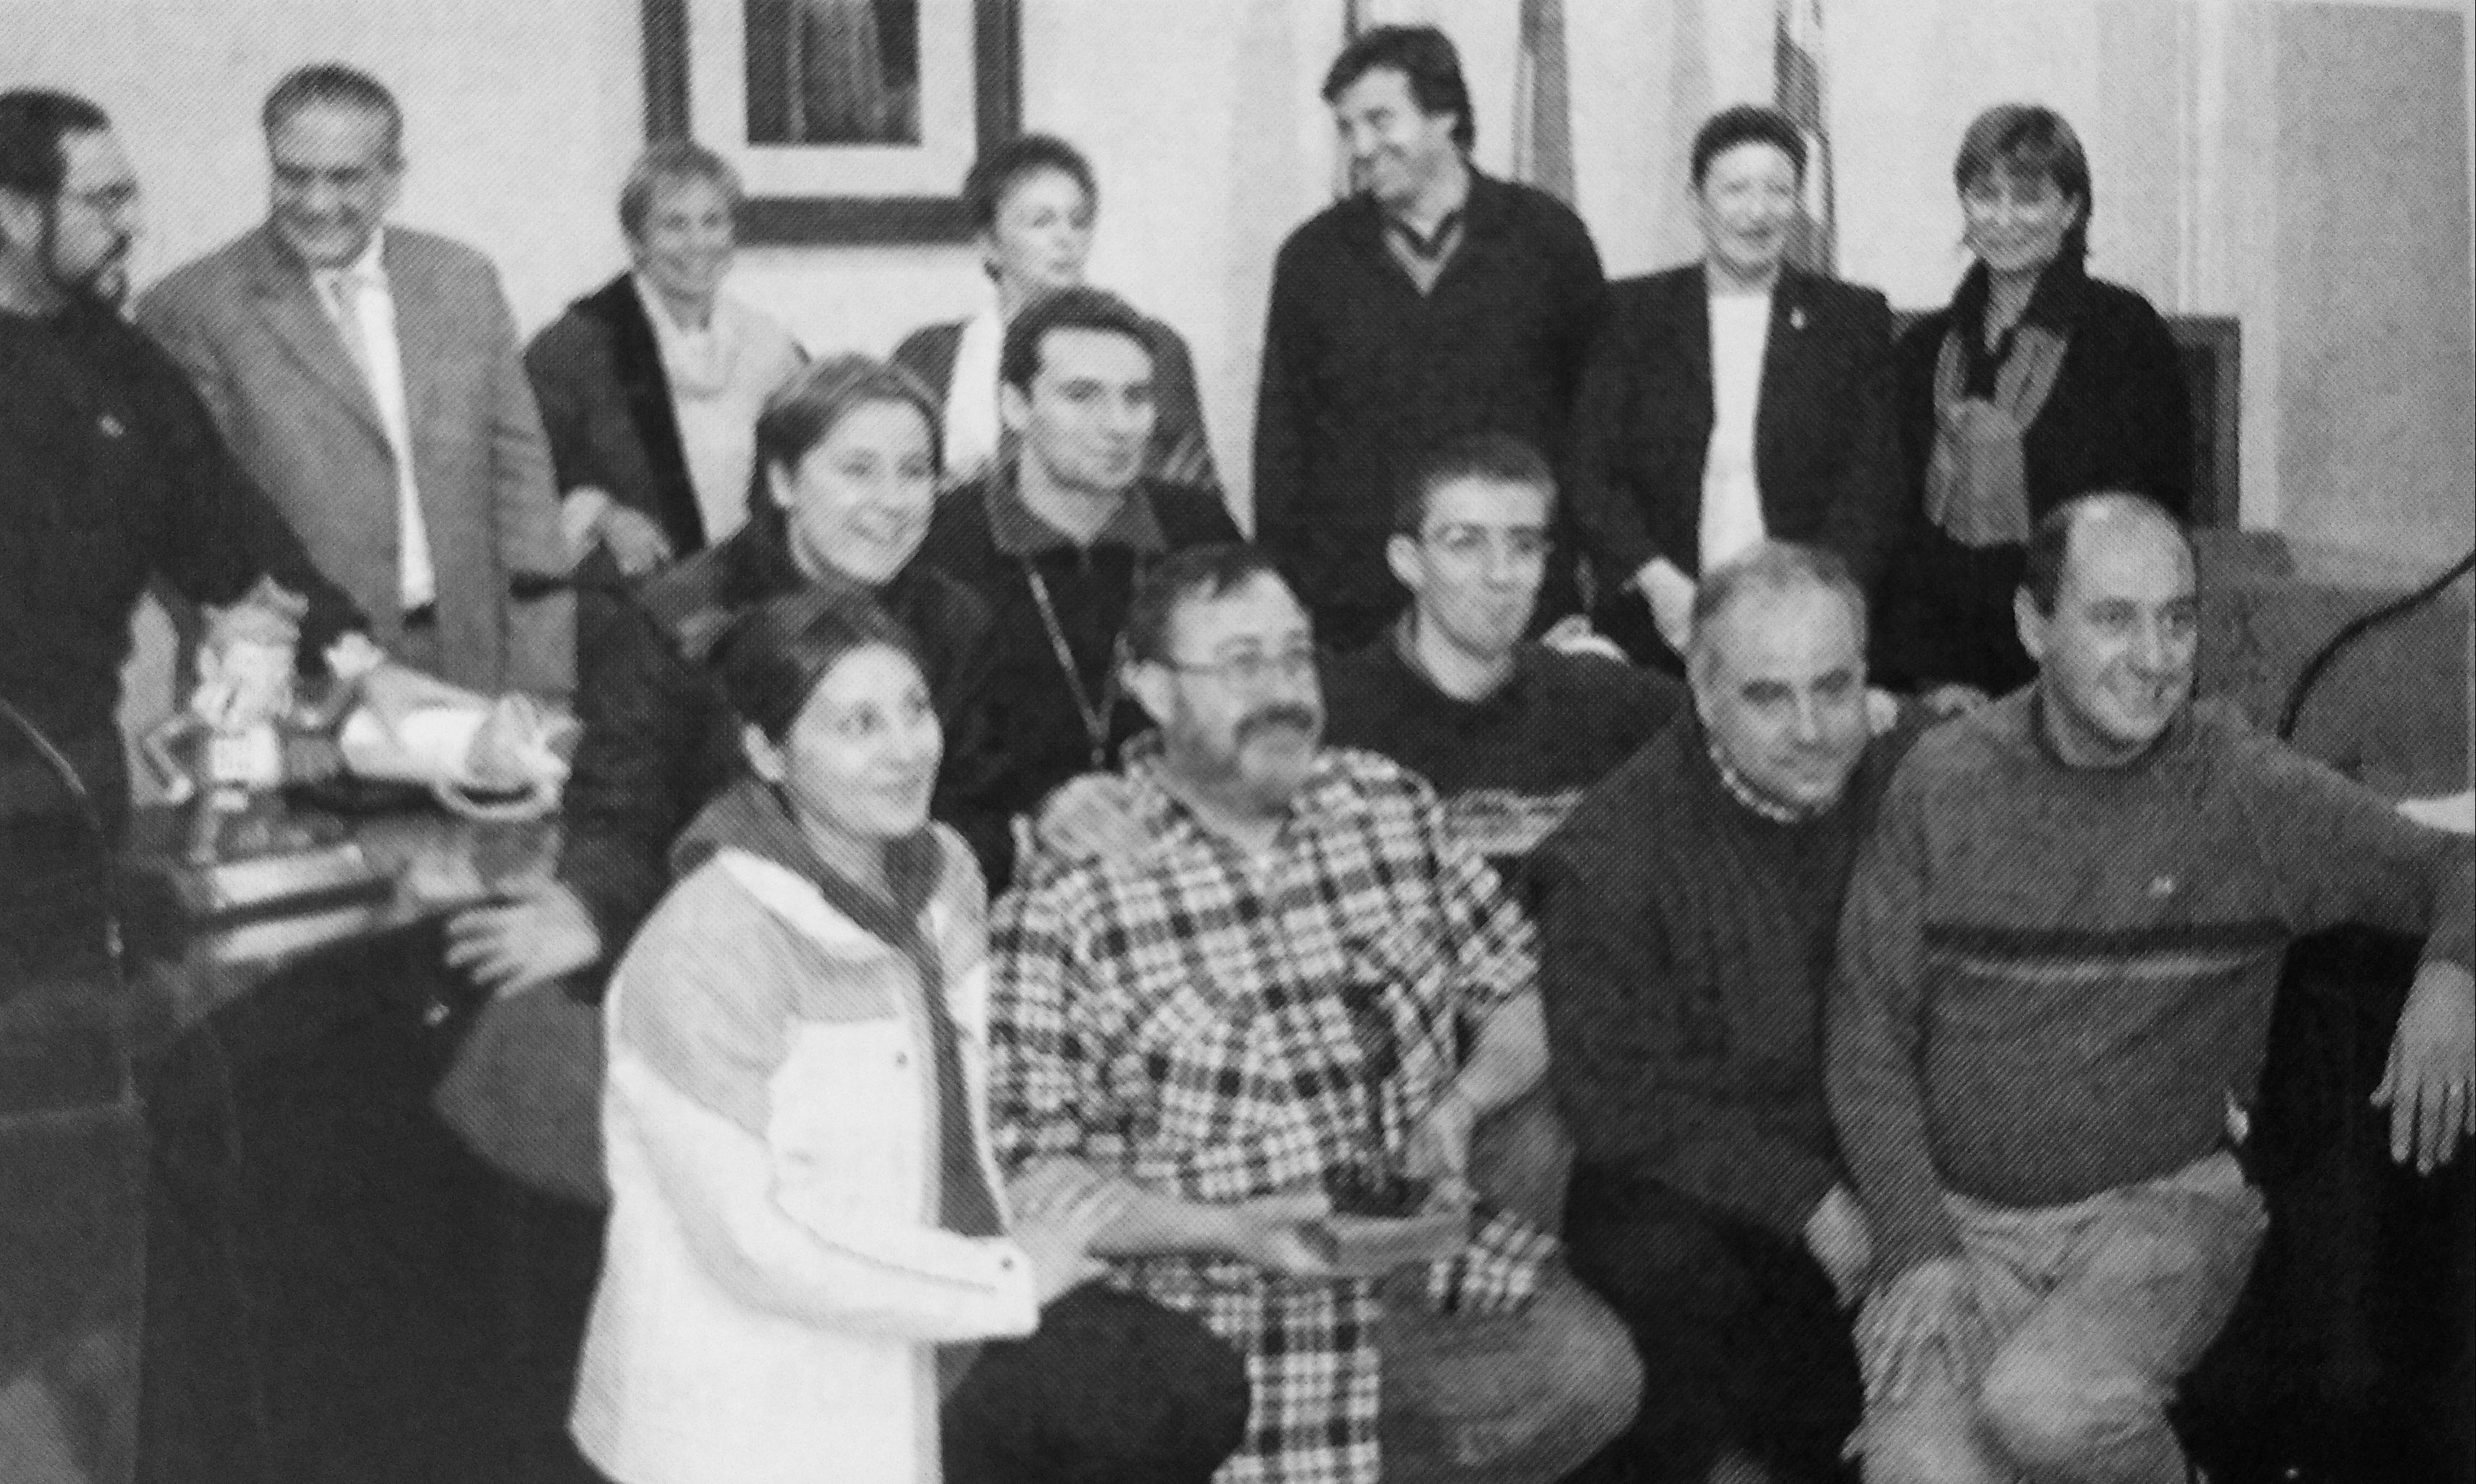 La Comissió de Festes Sant Martí, rebent el premi Cerdanyolencs de l'any 2001 de mans de les autoritats locals. Es va publicar al TOT Cerdanyola número 766